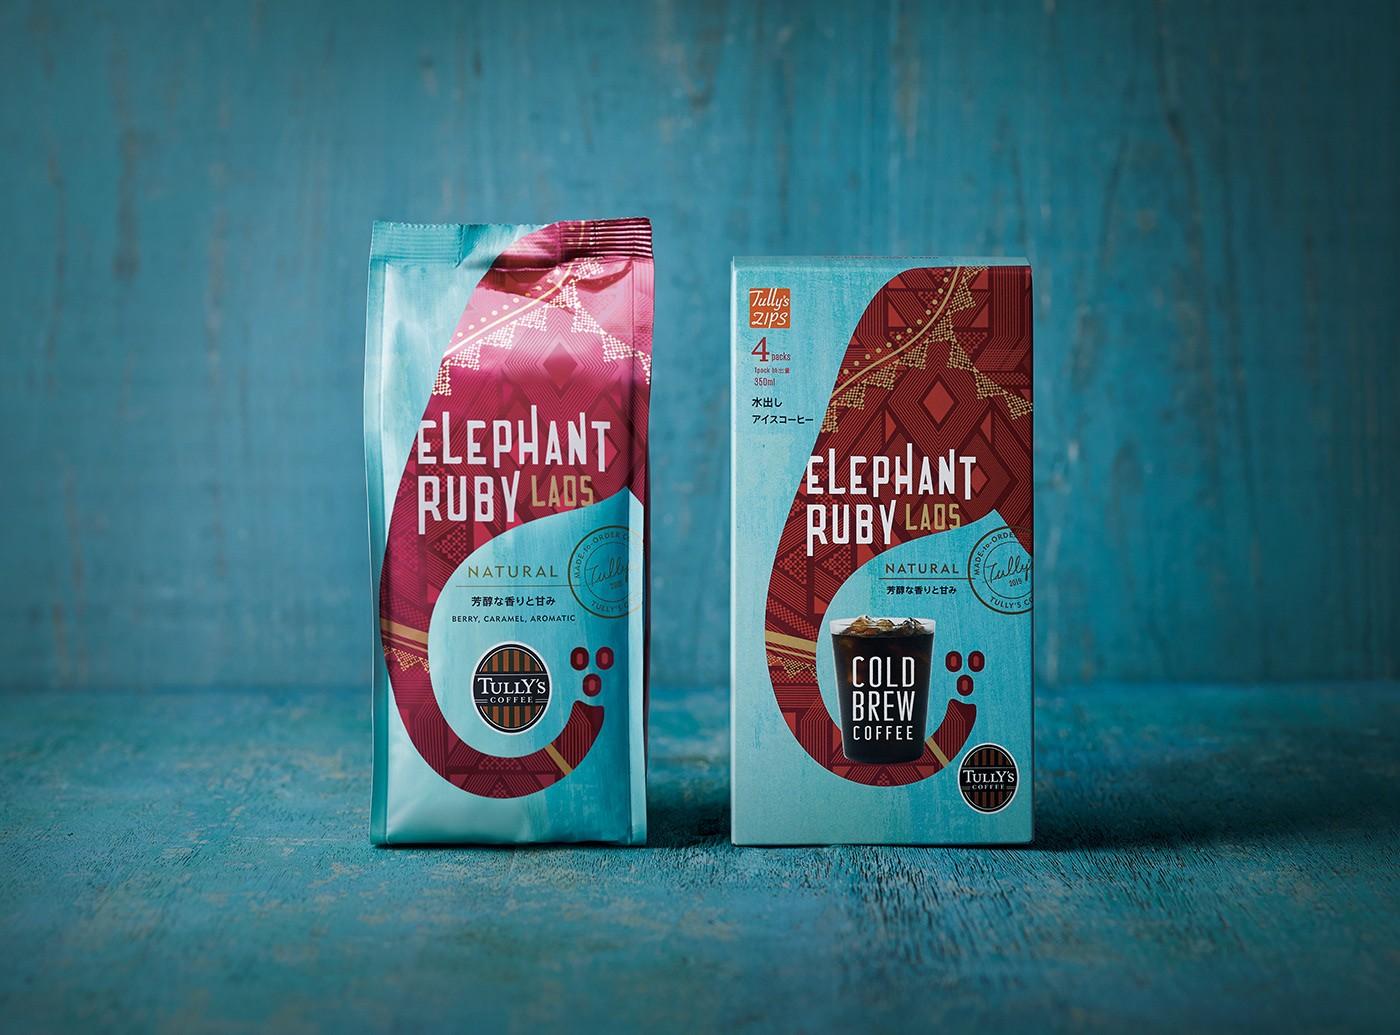 南亚风情的大象插画 日本tully's coffee咖啡包装